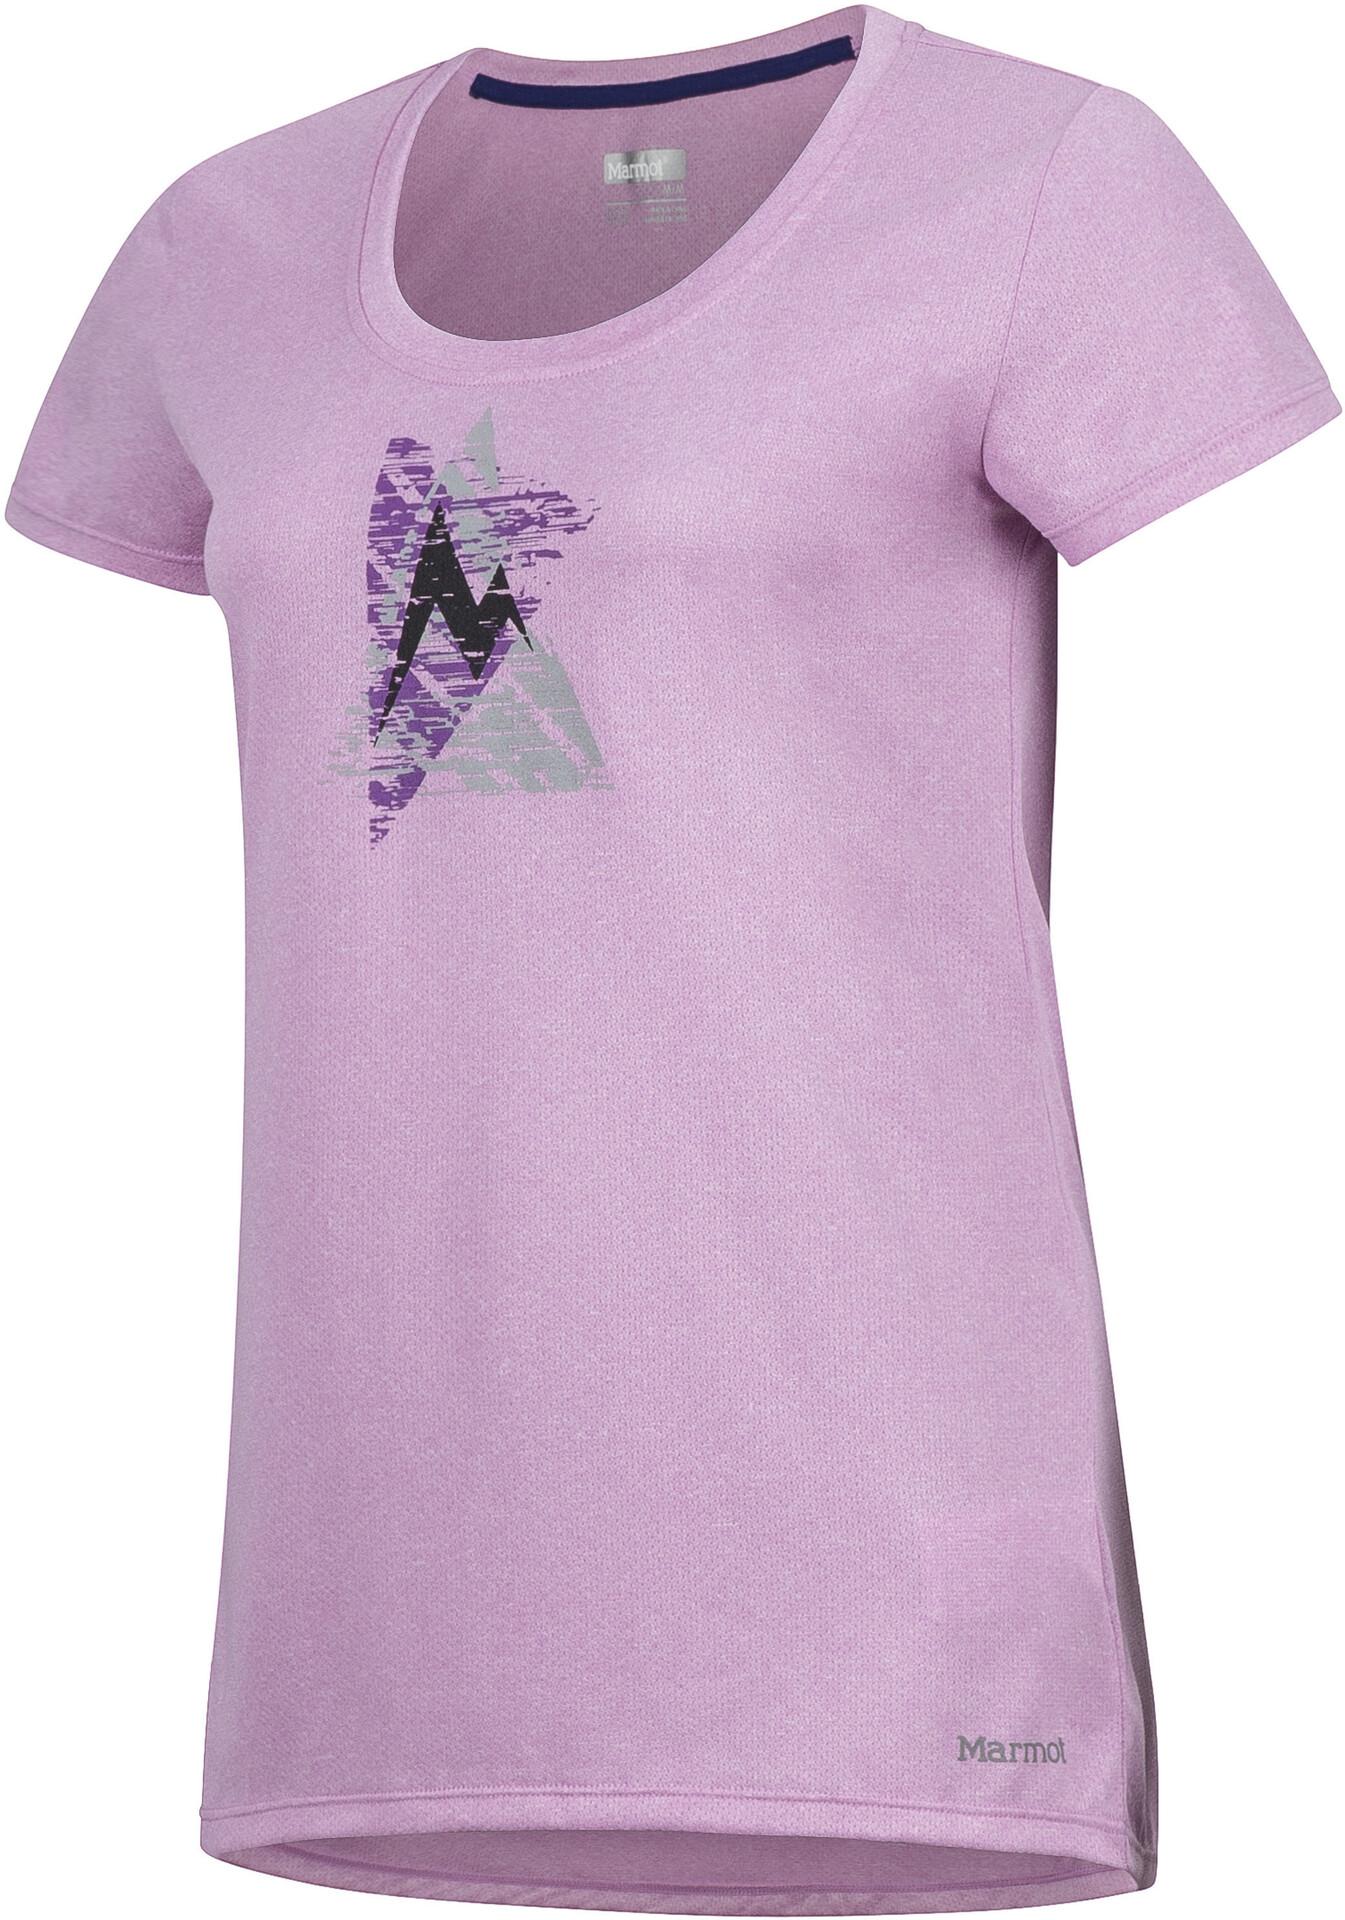 Marmot Rouge Femme Sur Time T Shirt Campz Post Manches Courtes rngxT0Hrqw